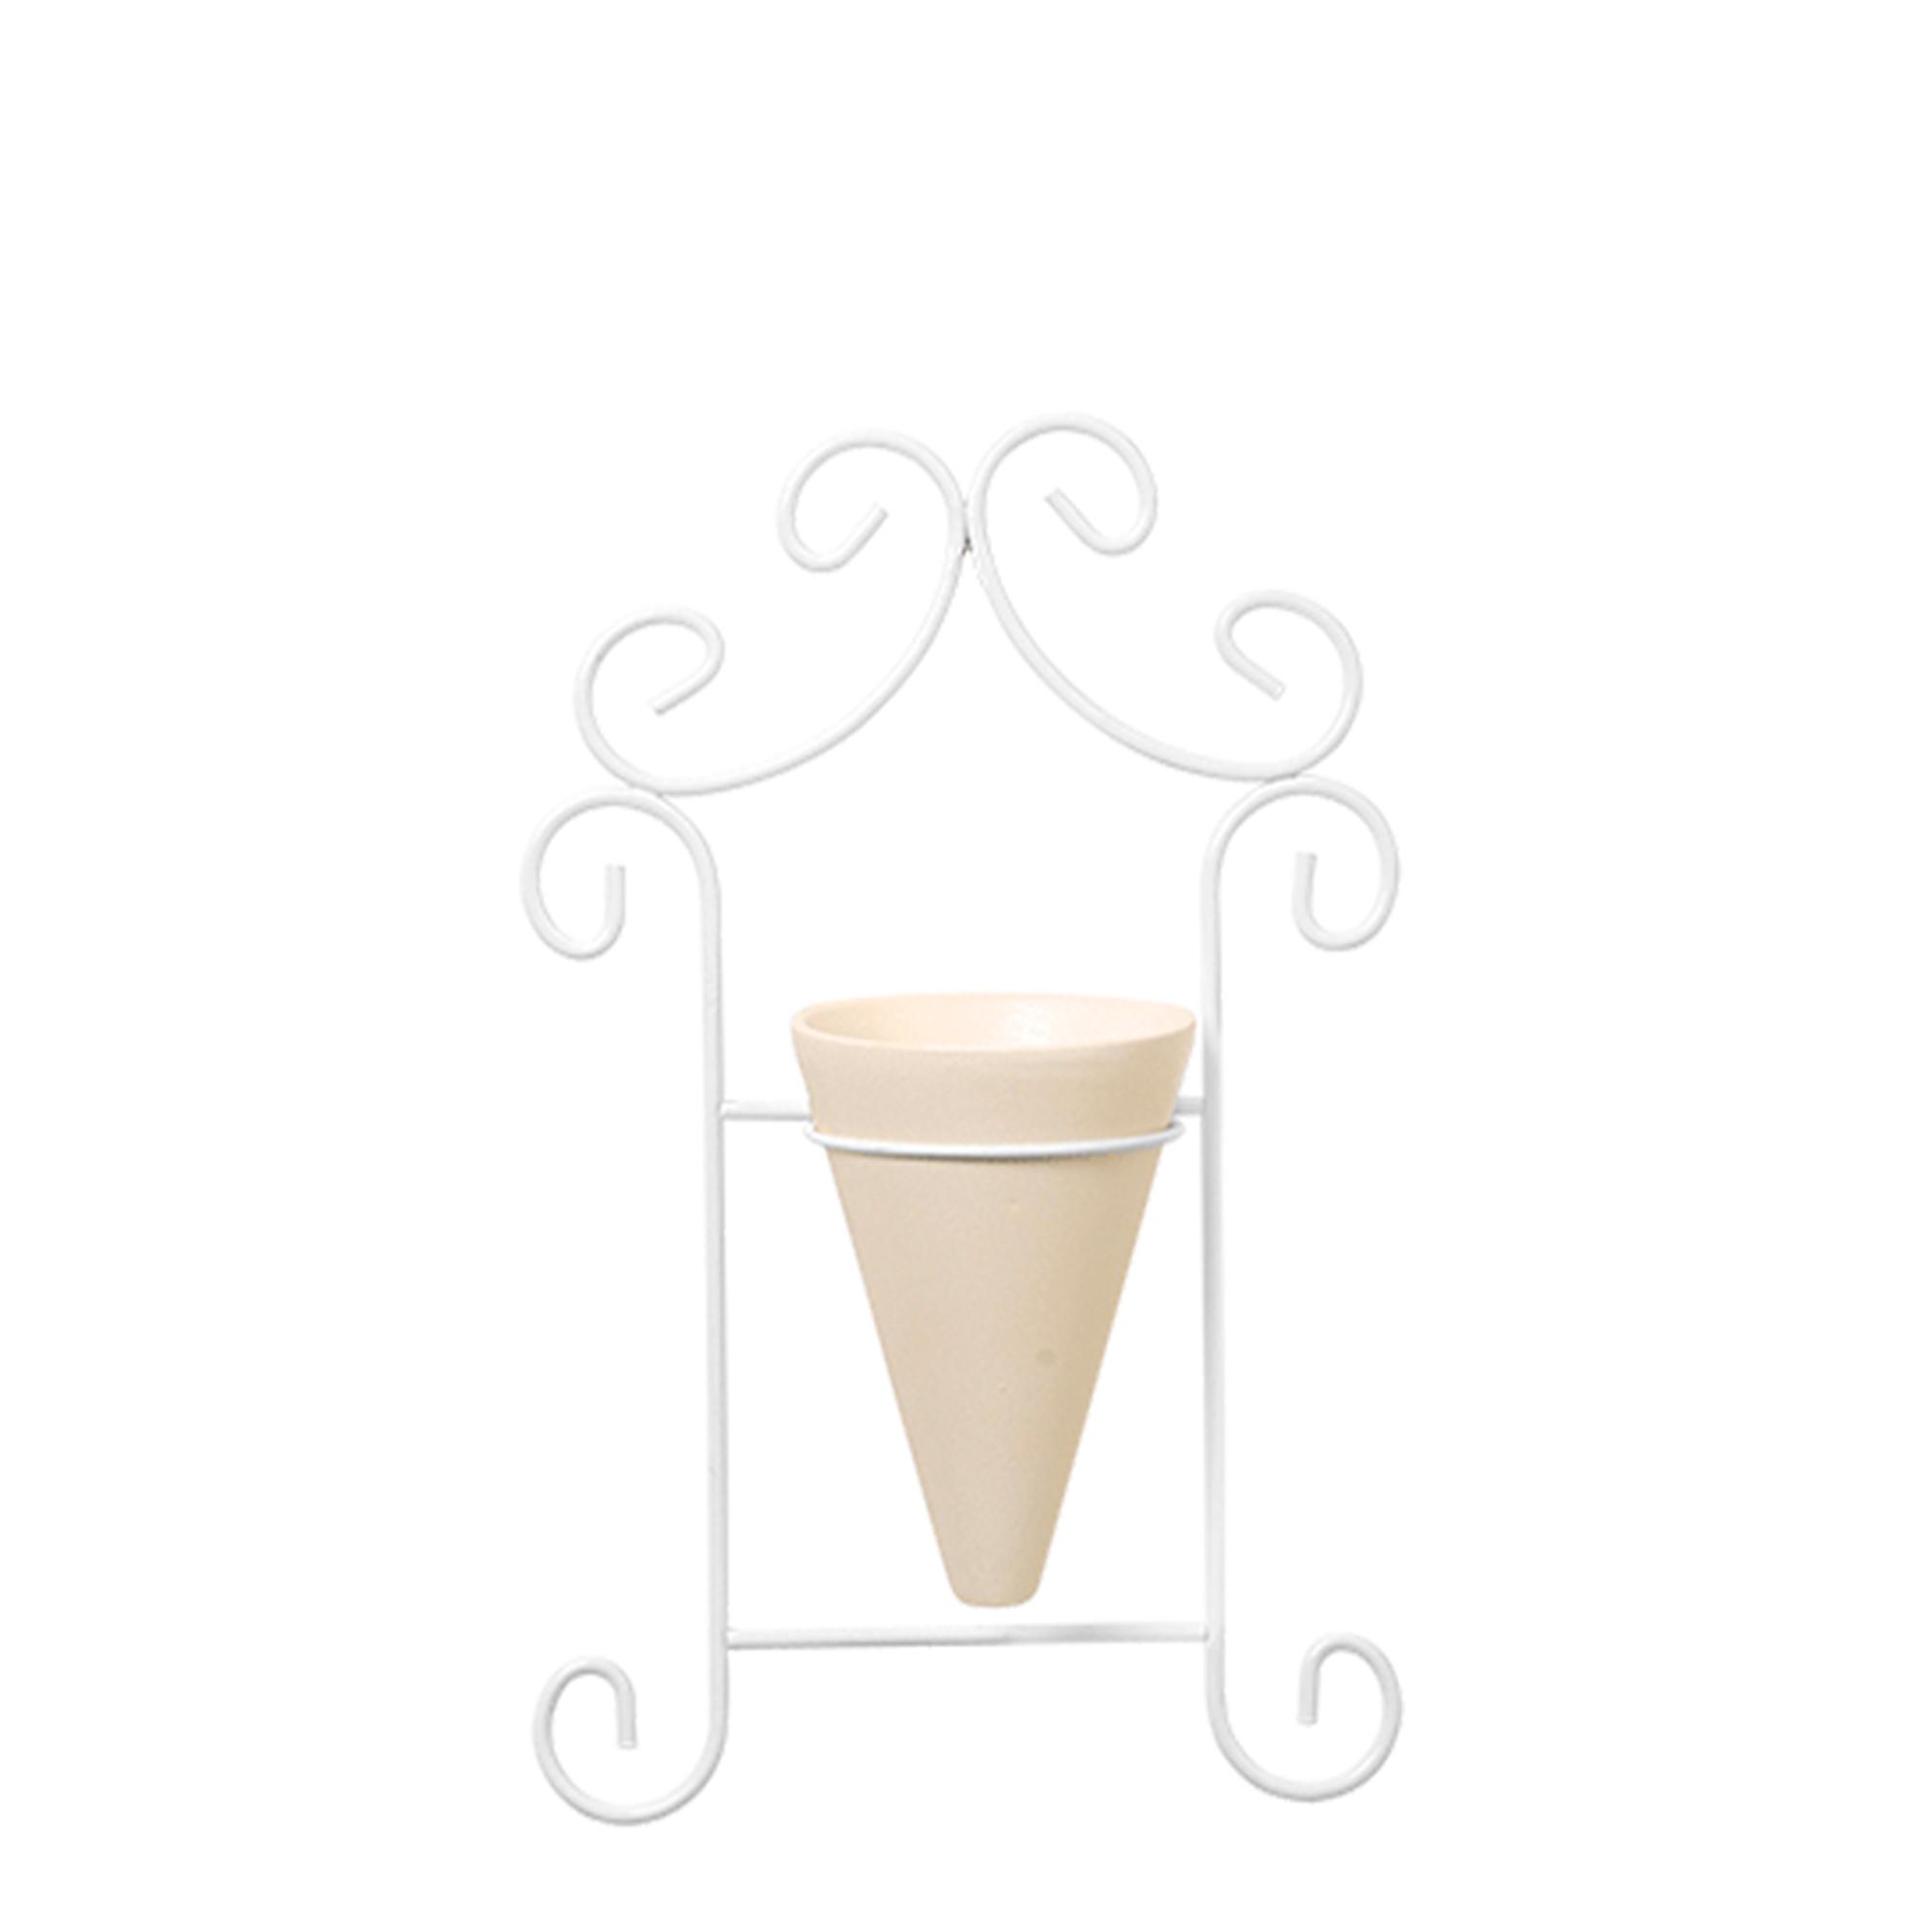 Tira Ornato c/ 1 Vaso Cone